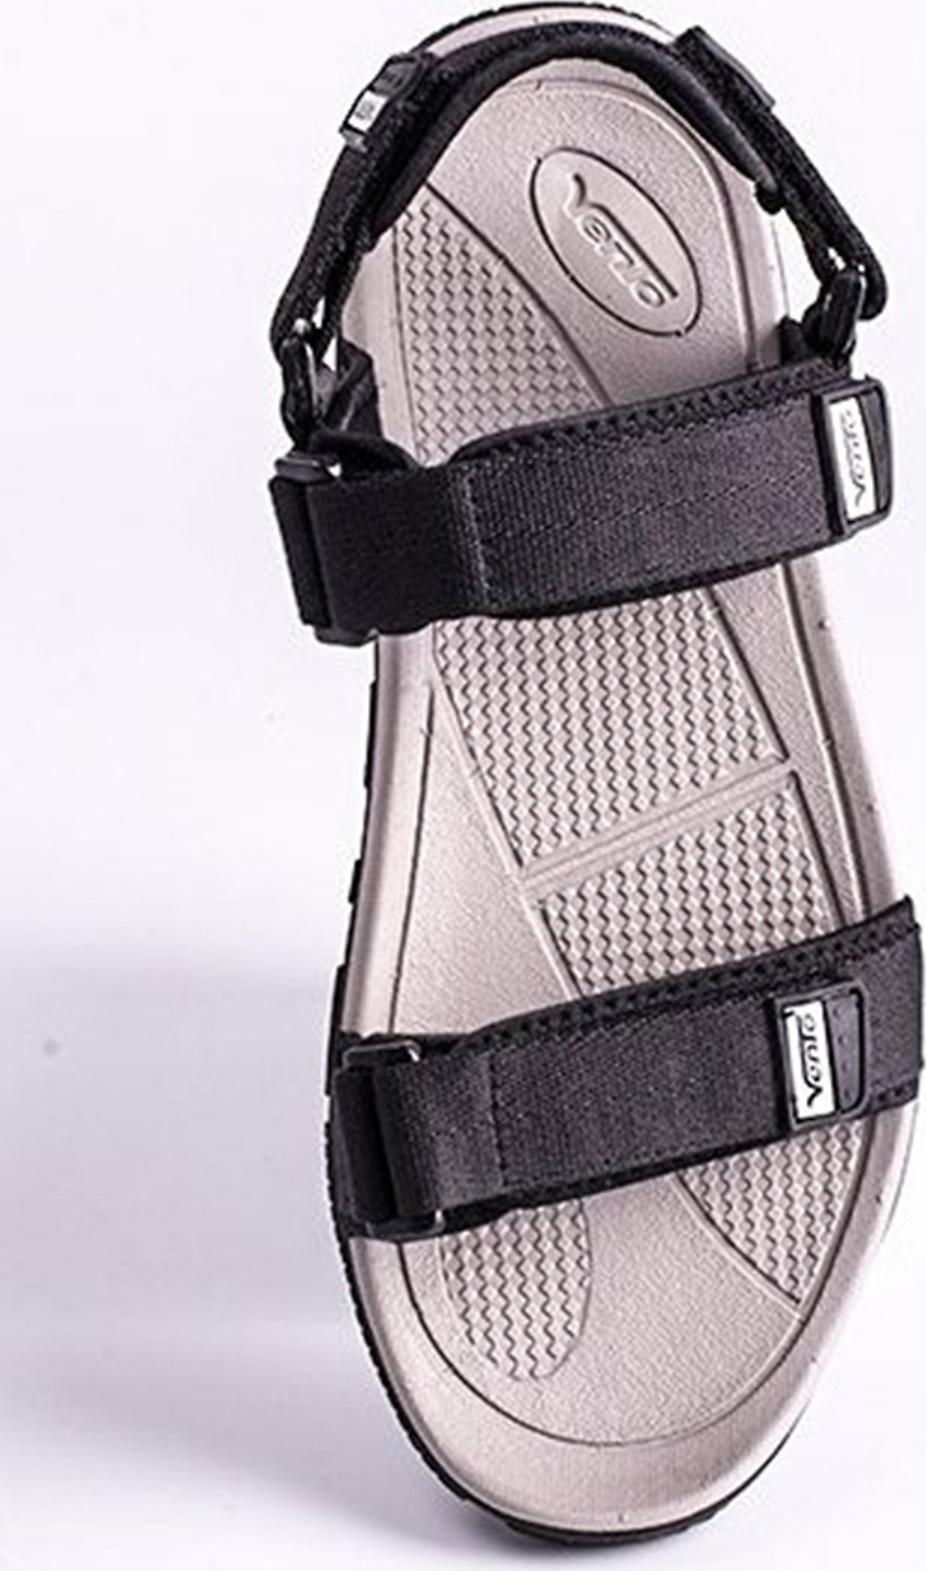 Giày Sandal Nam 2 Quai Ngang VENTO Hàng Xuất Khẩu Đi Nhật NV8302Ch